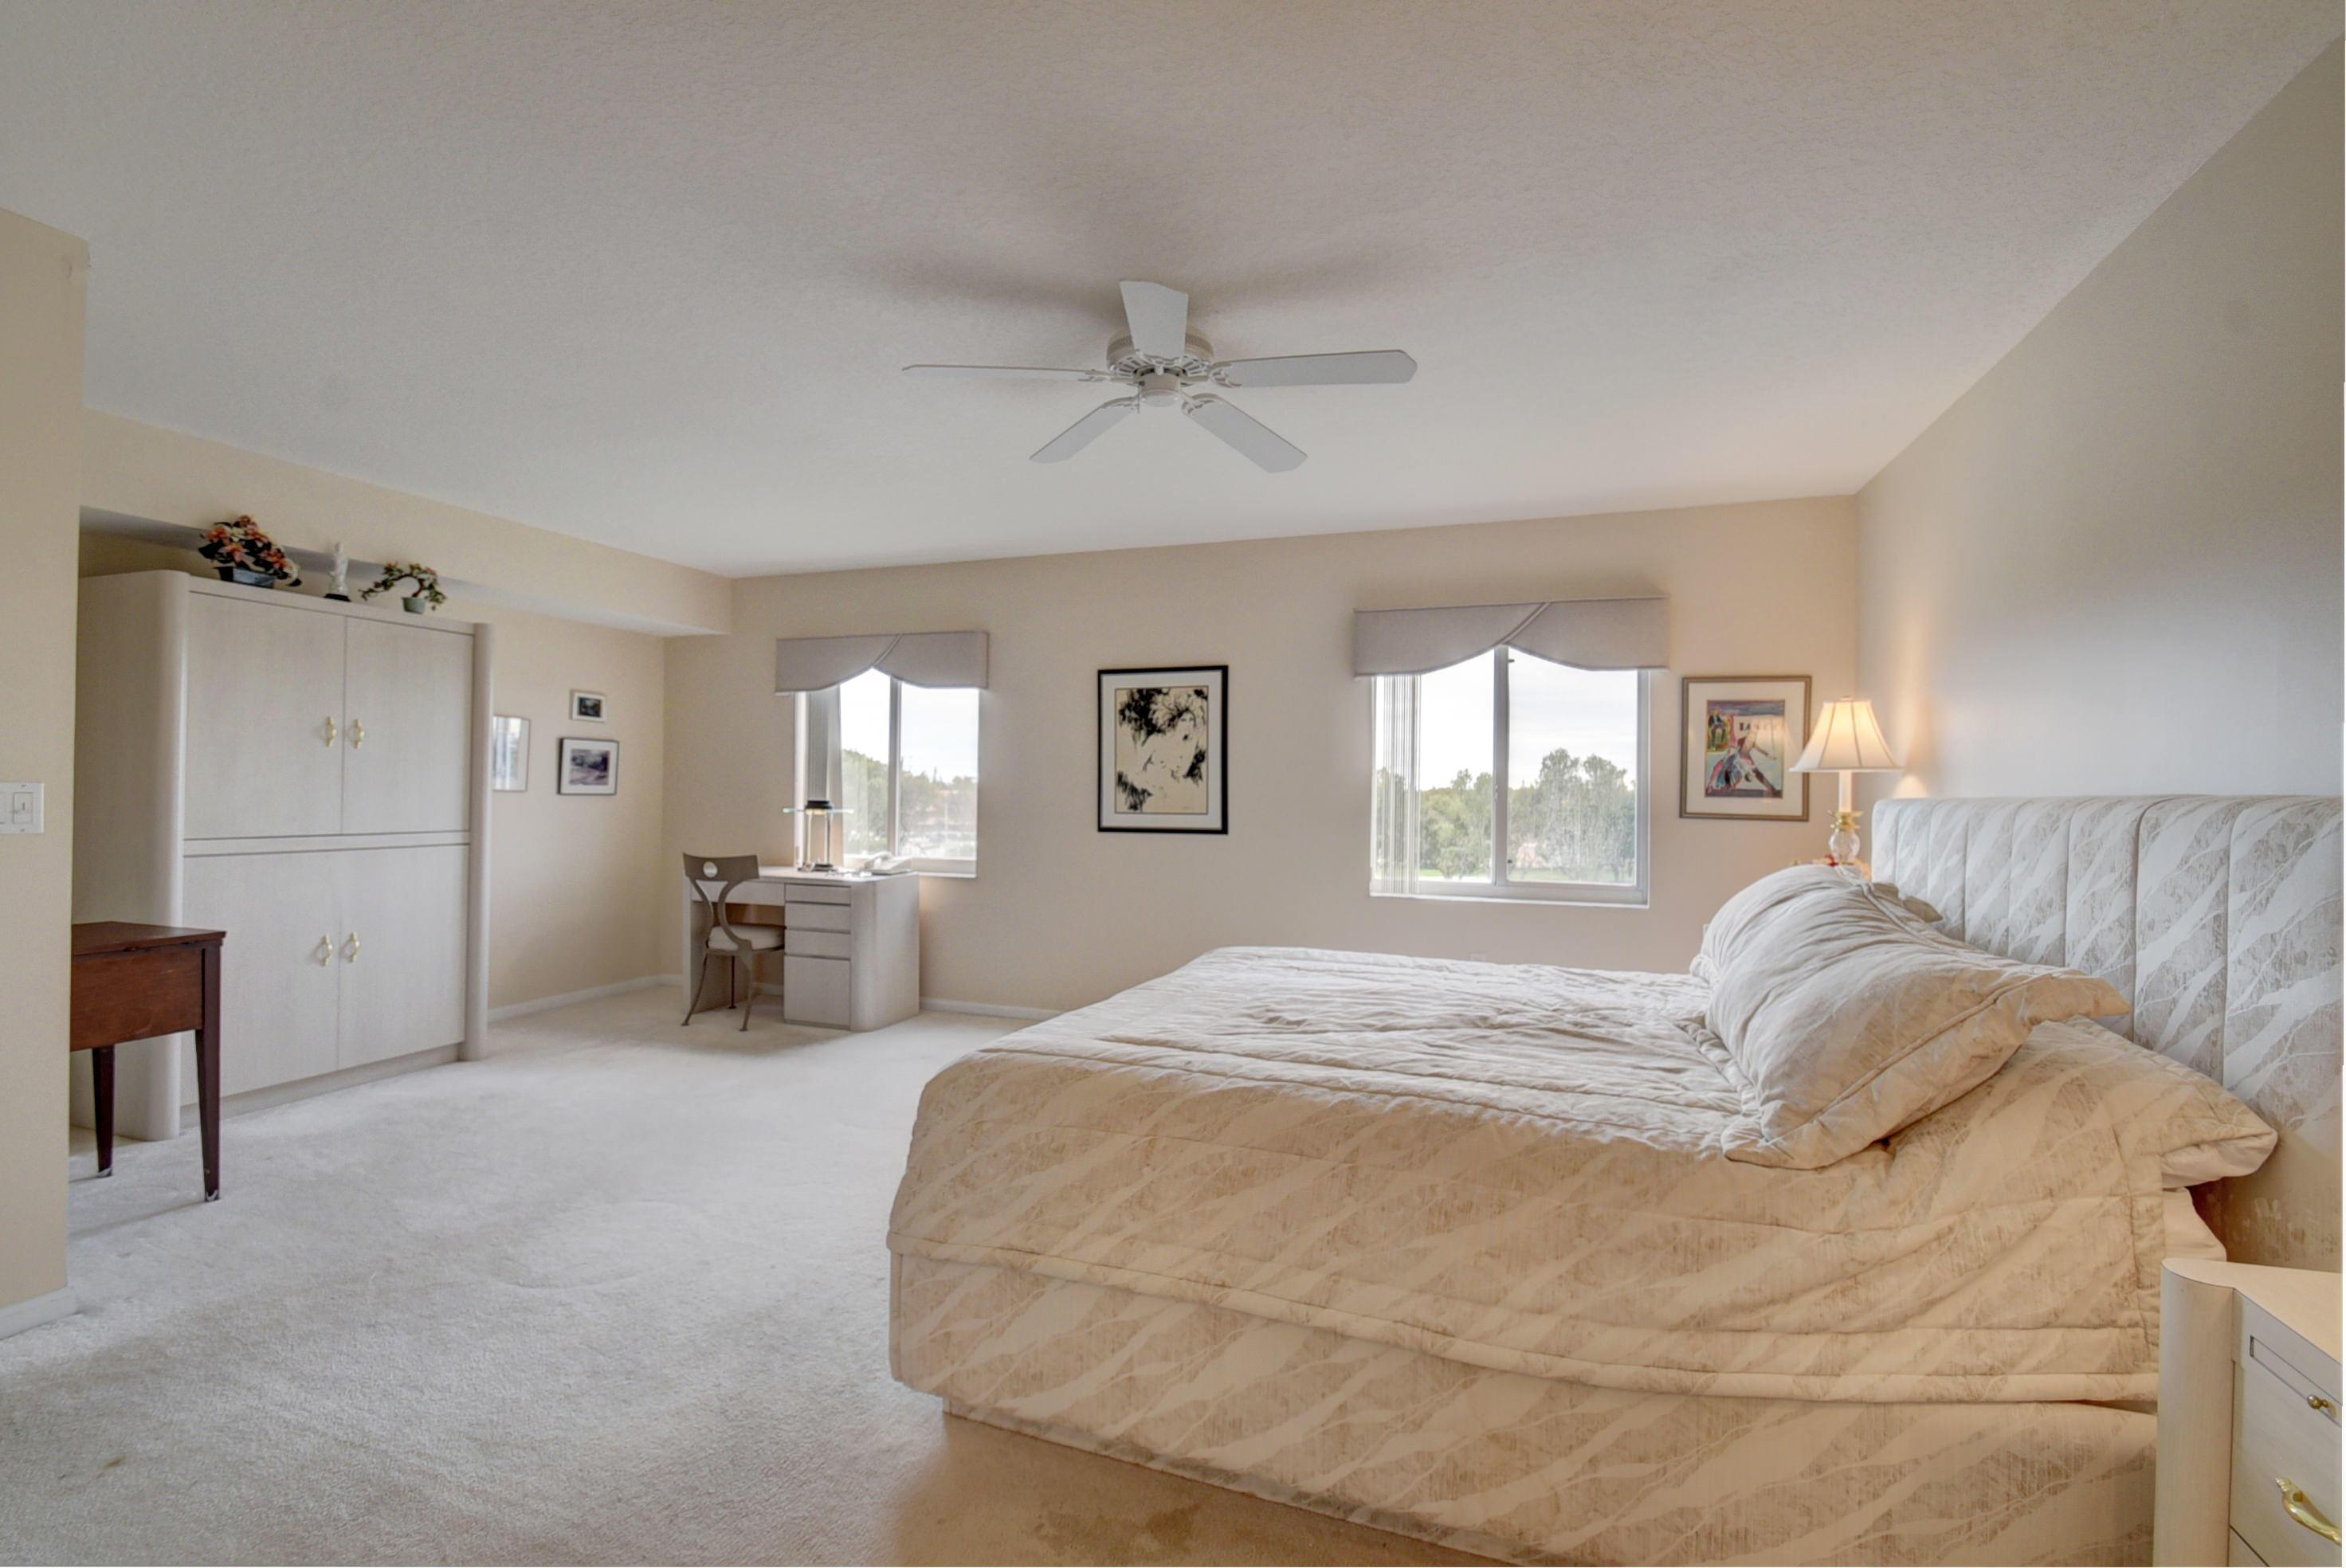 5874 Crystal Shores Drive 403 Boynton Beach, FL 33437 photo 14